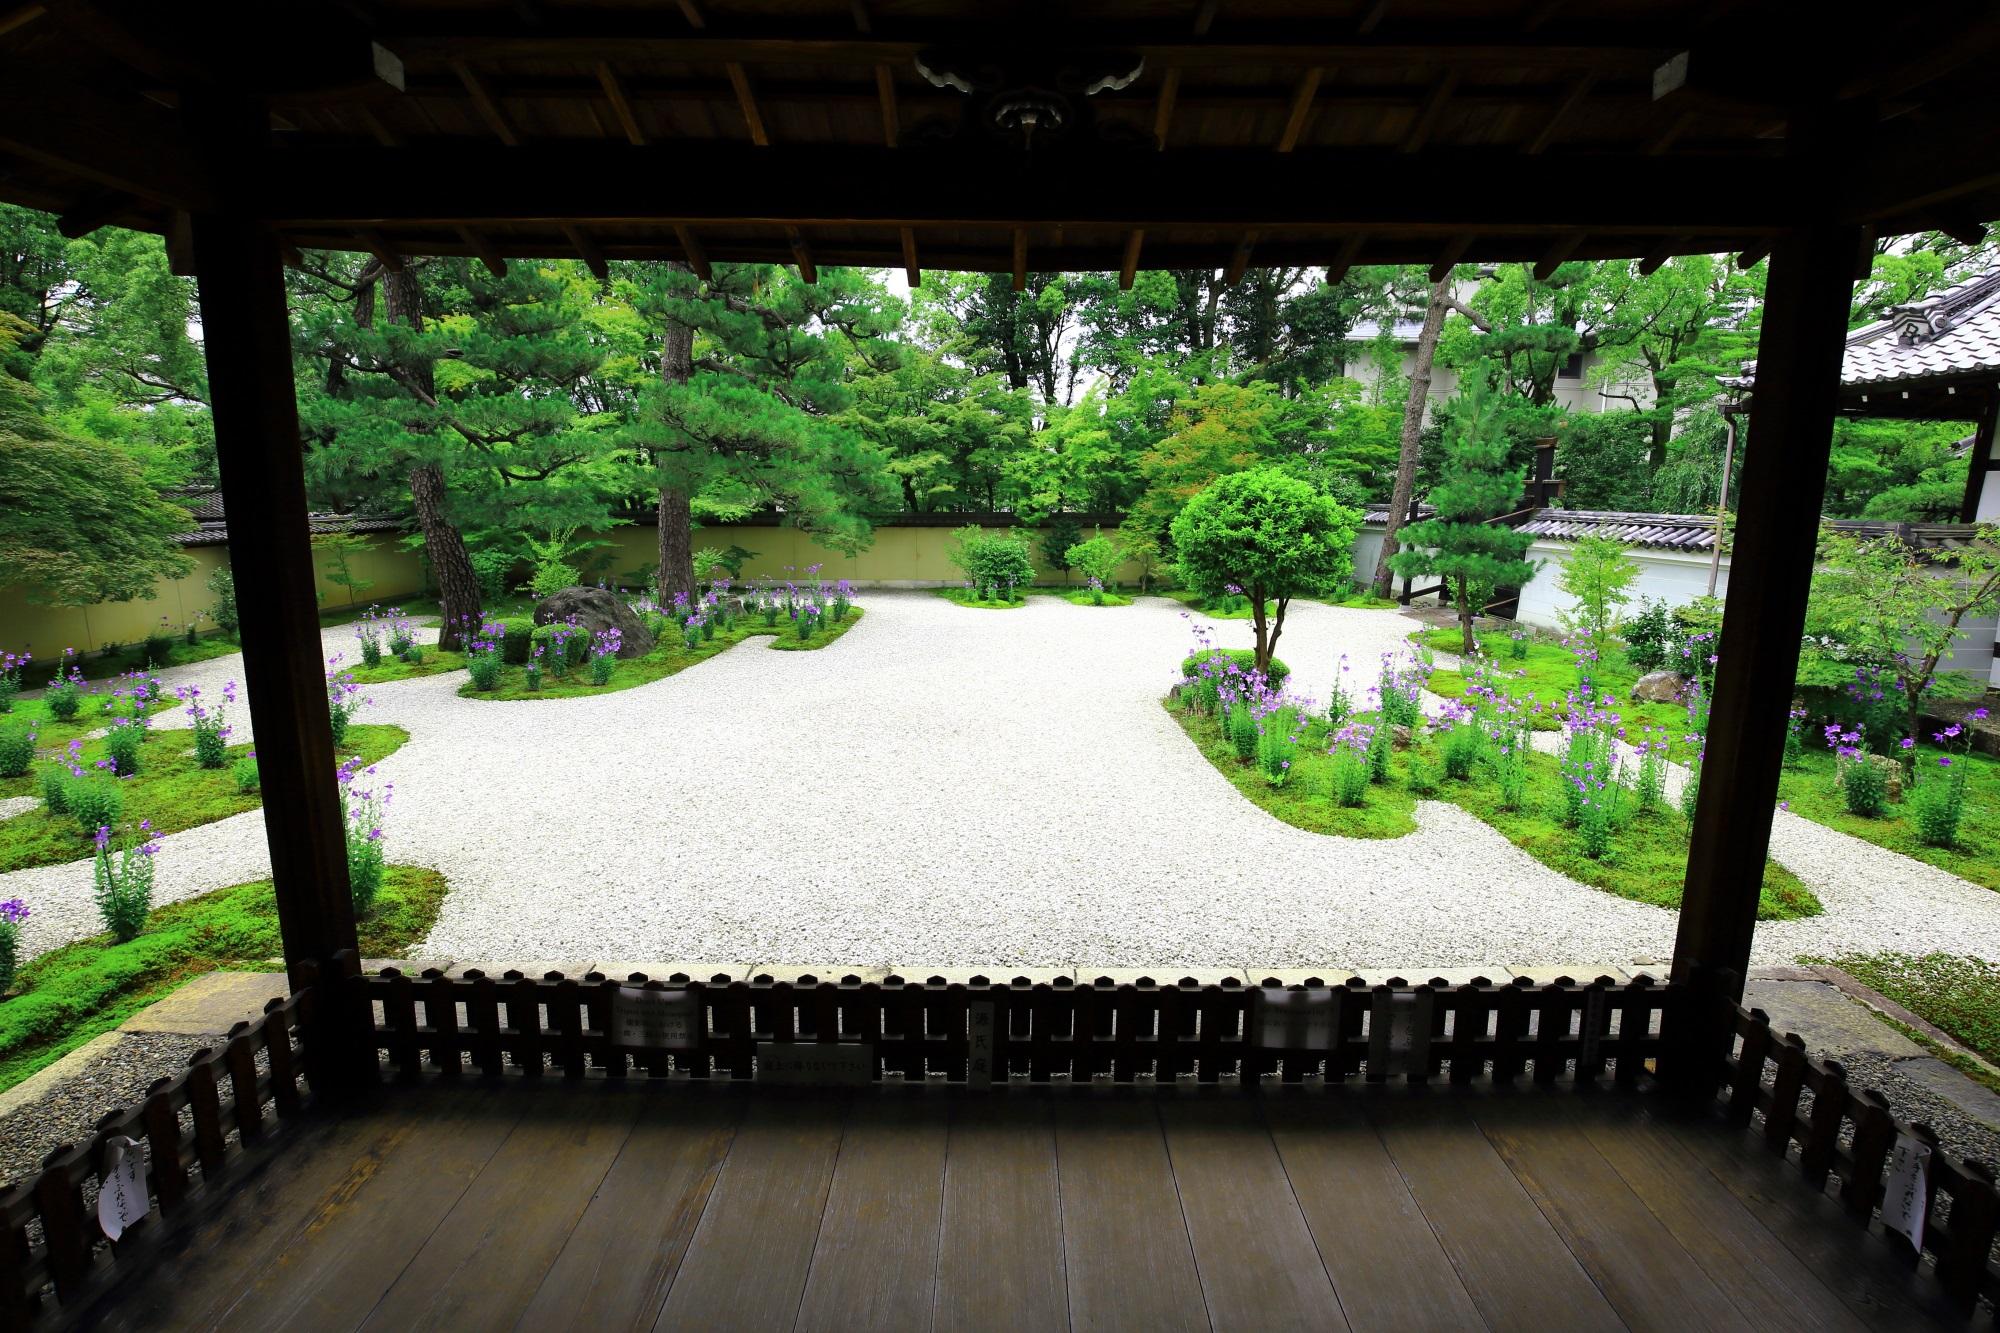 廬山寺 桔梗 初夏を彩る艶やかな紫と美しい緑